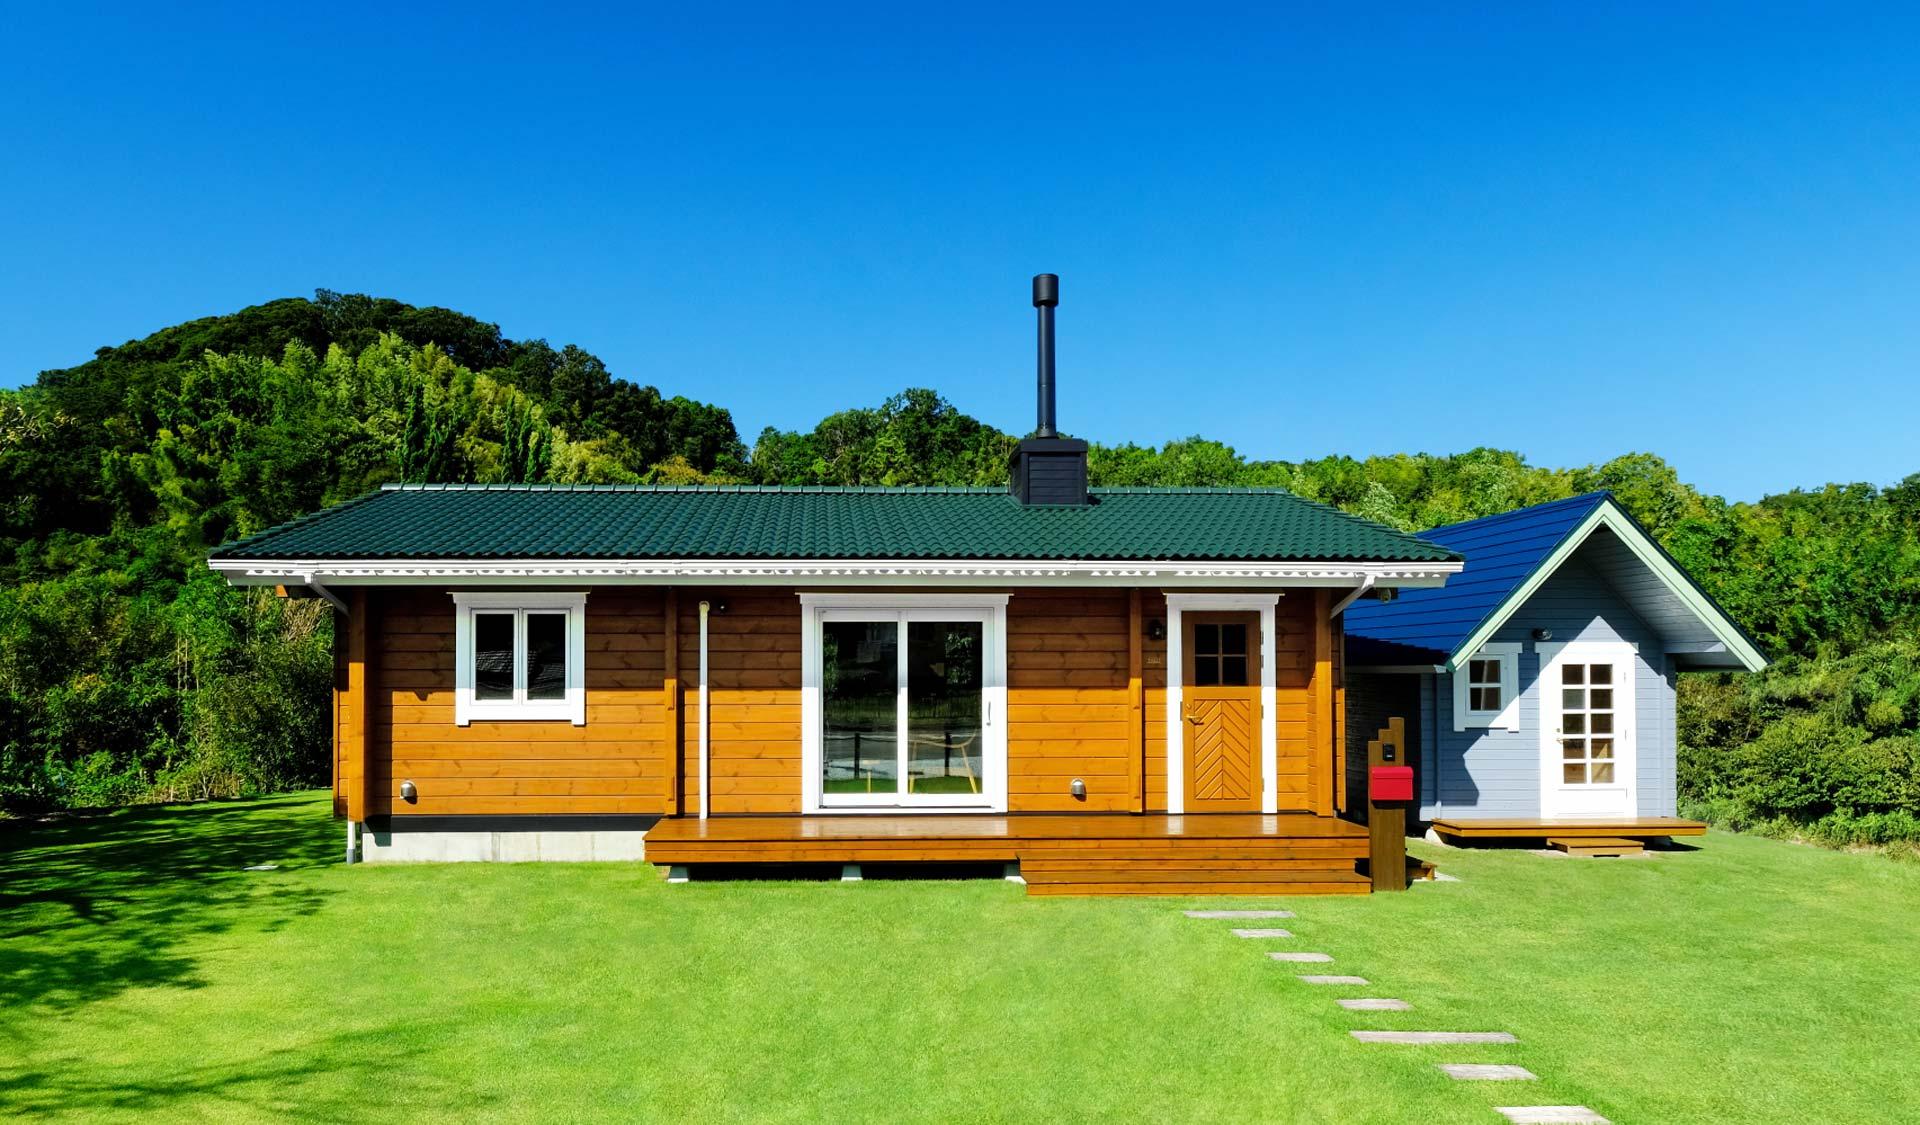 まさに憧れの田舎暮らし!庭を眺める平屋の家